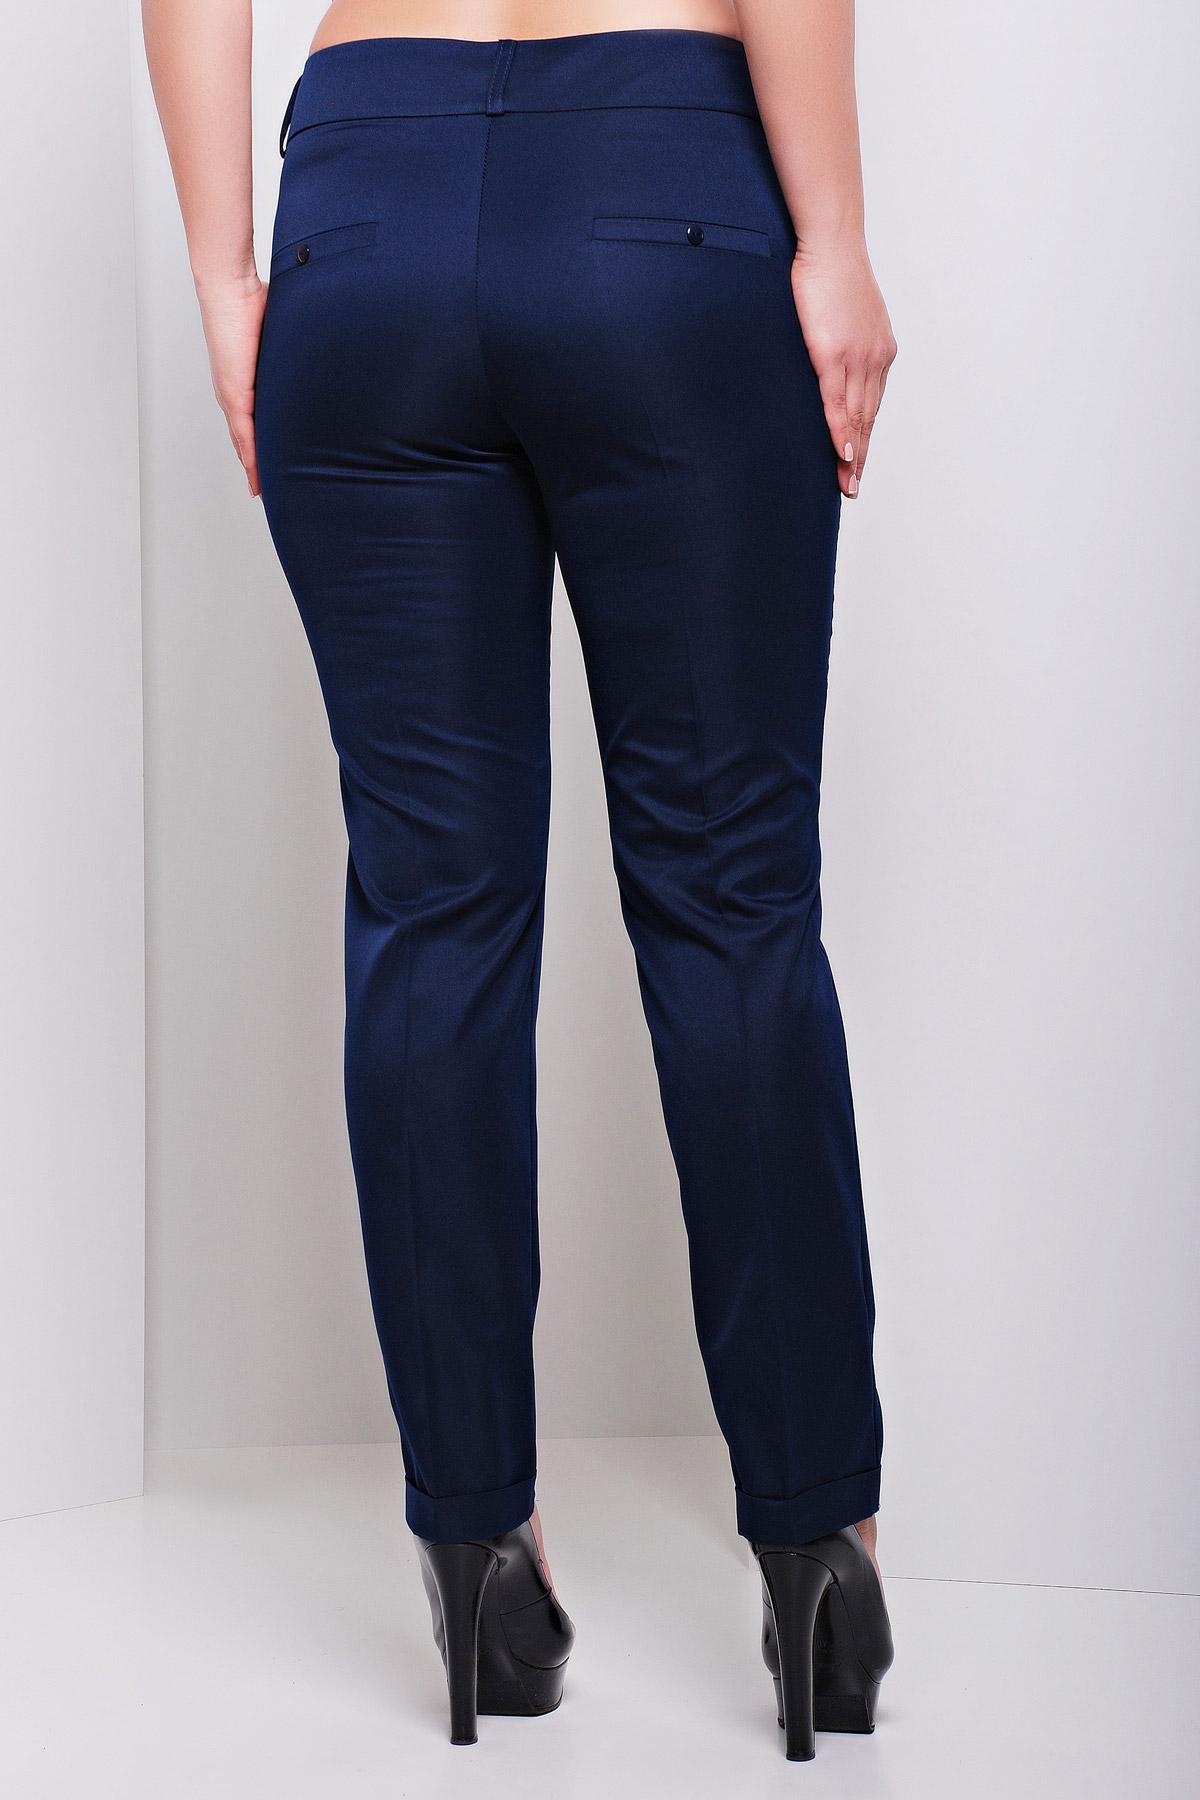 женские белые классические брюки большого размера. брюки Хилори-Б. Цвет: темно синий